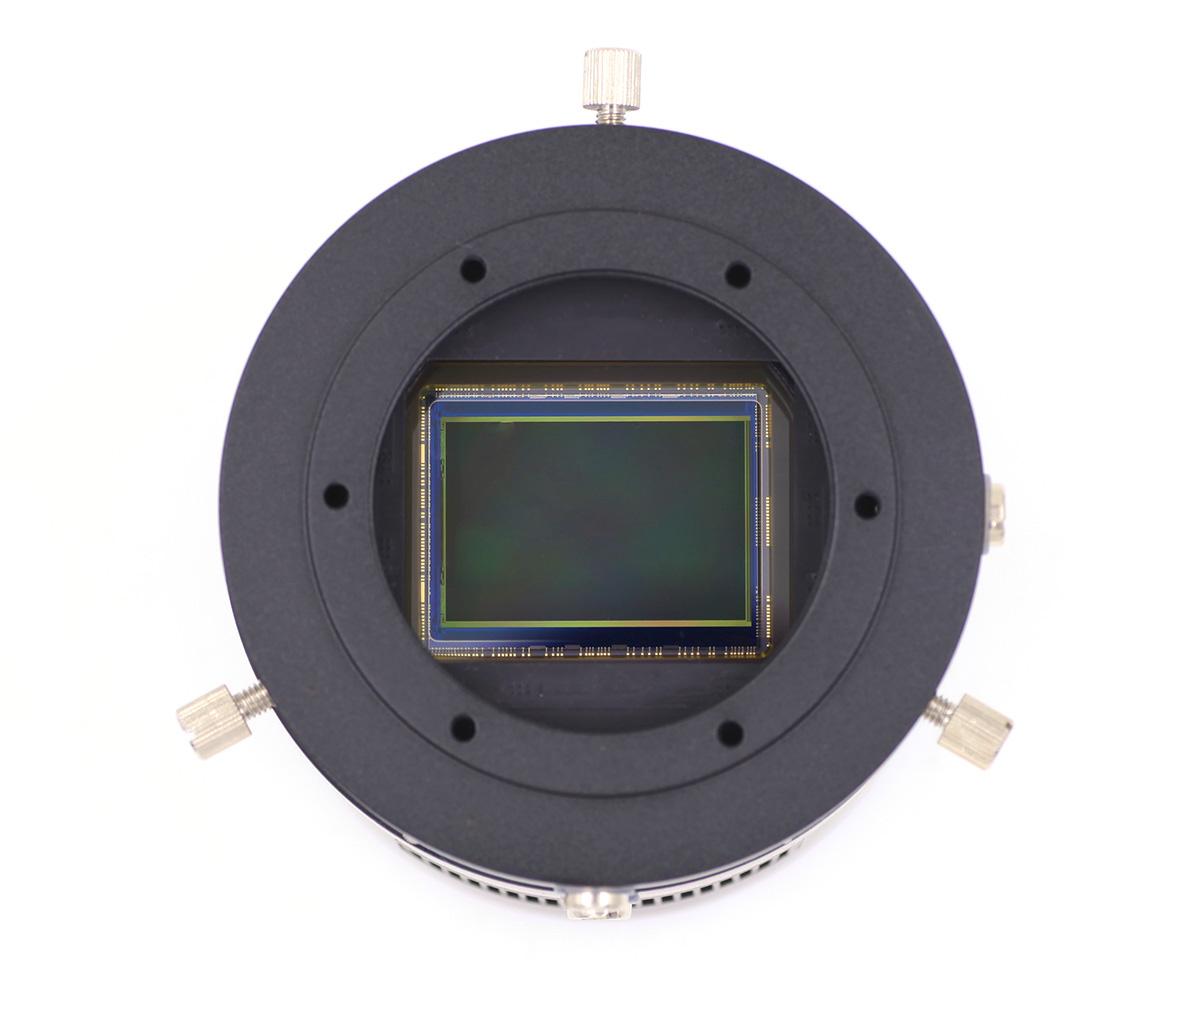 QHYCCD Full Frame 35mm Sensor